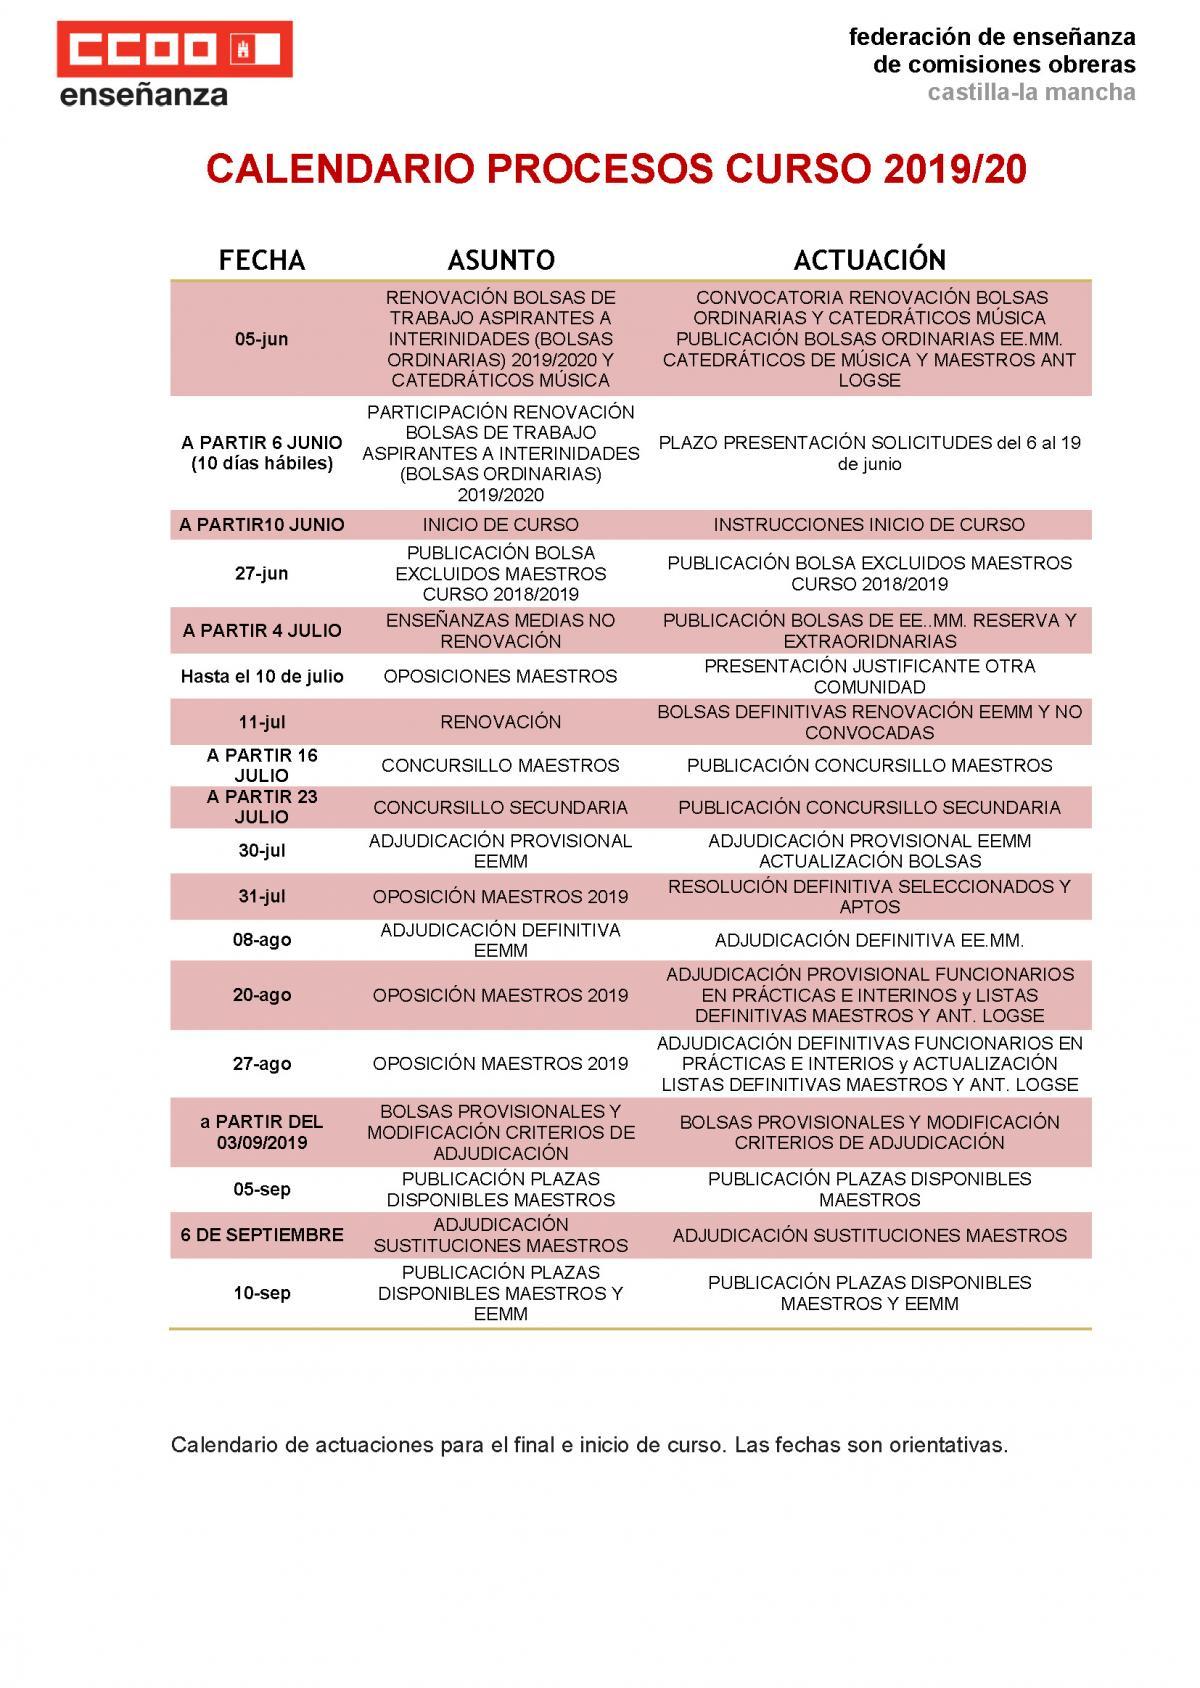 Calendario Oposiciones 2019 Andalucia.Federacion De Ensenanza De Ccoo Clm